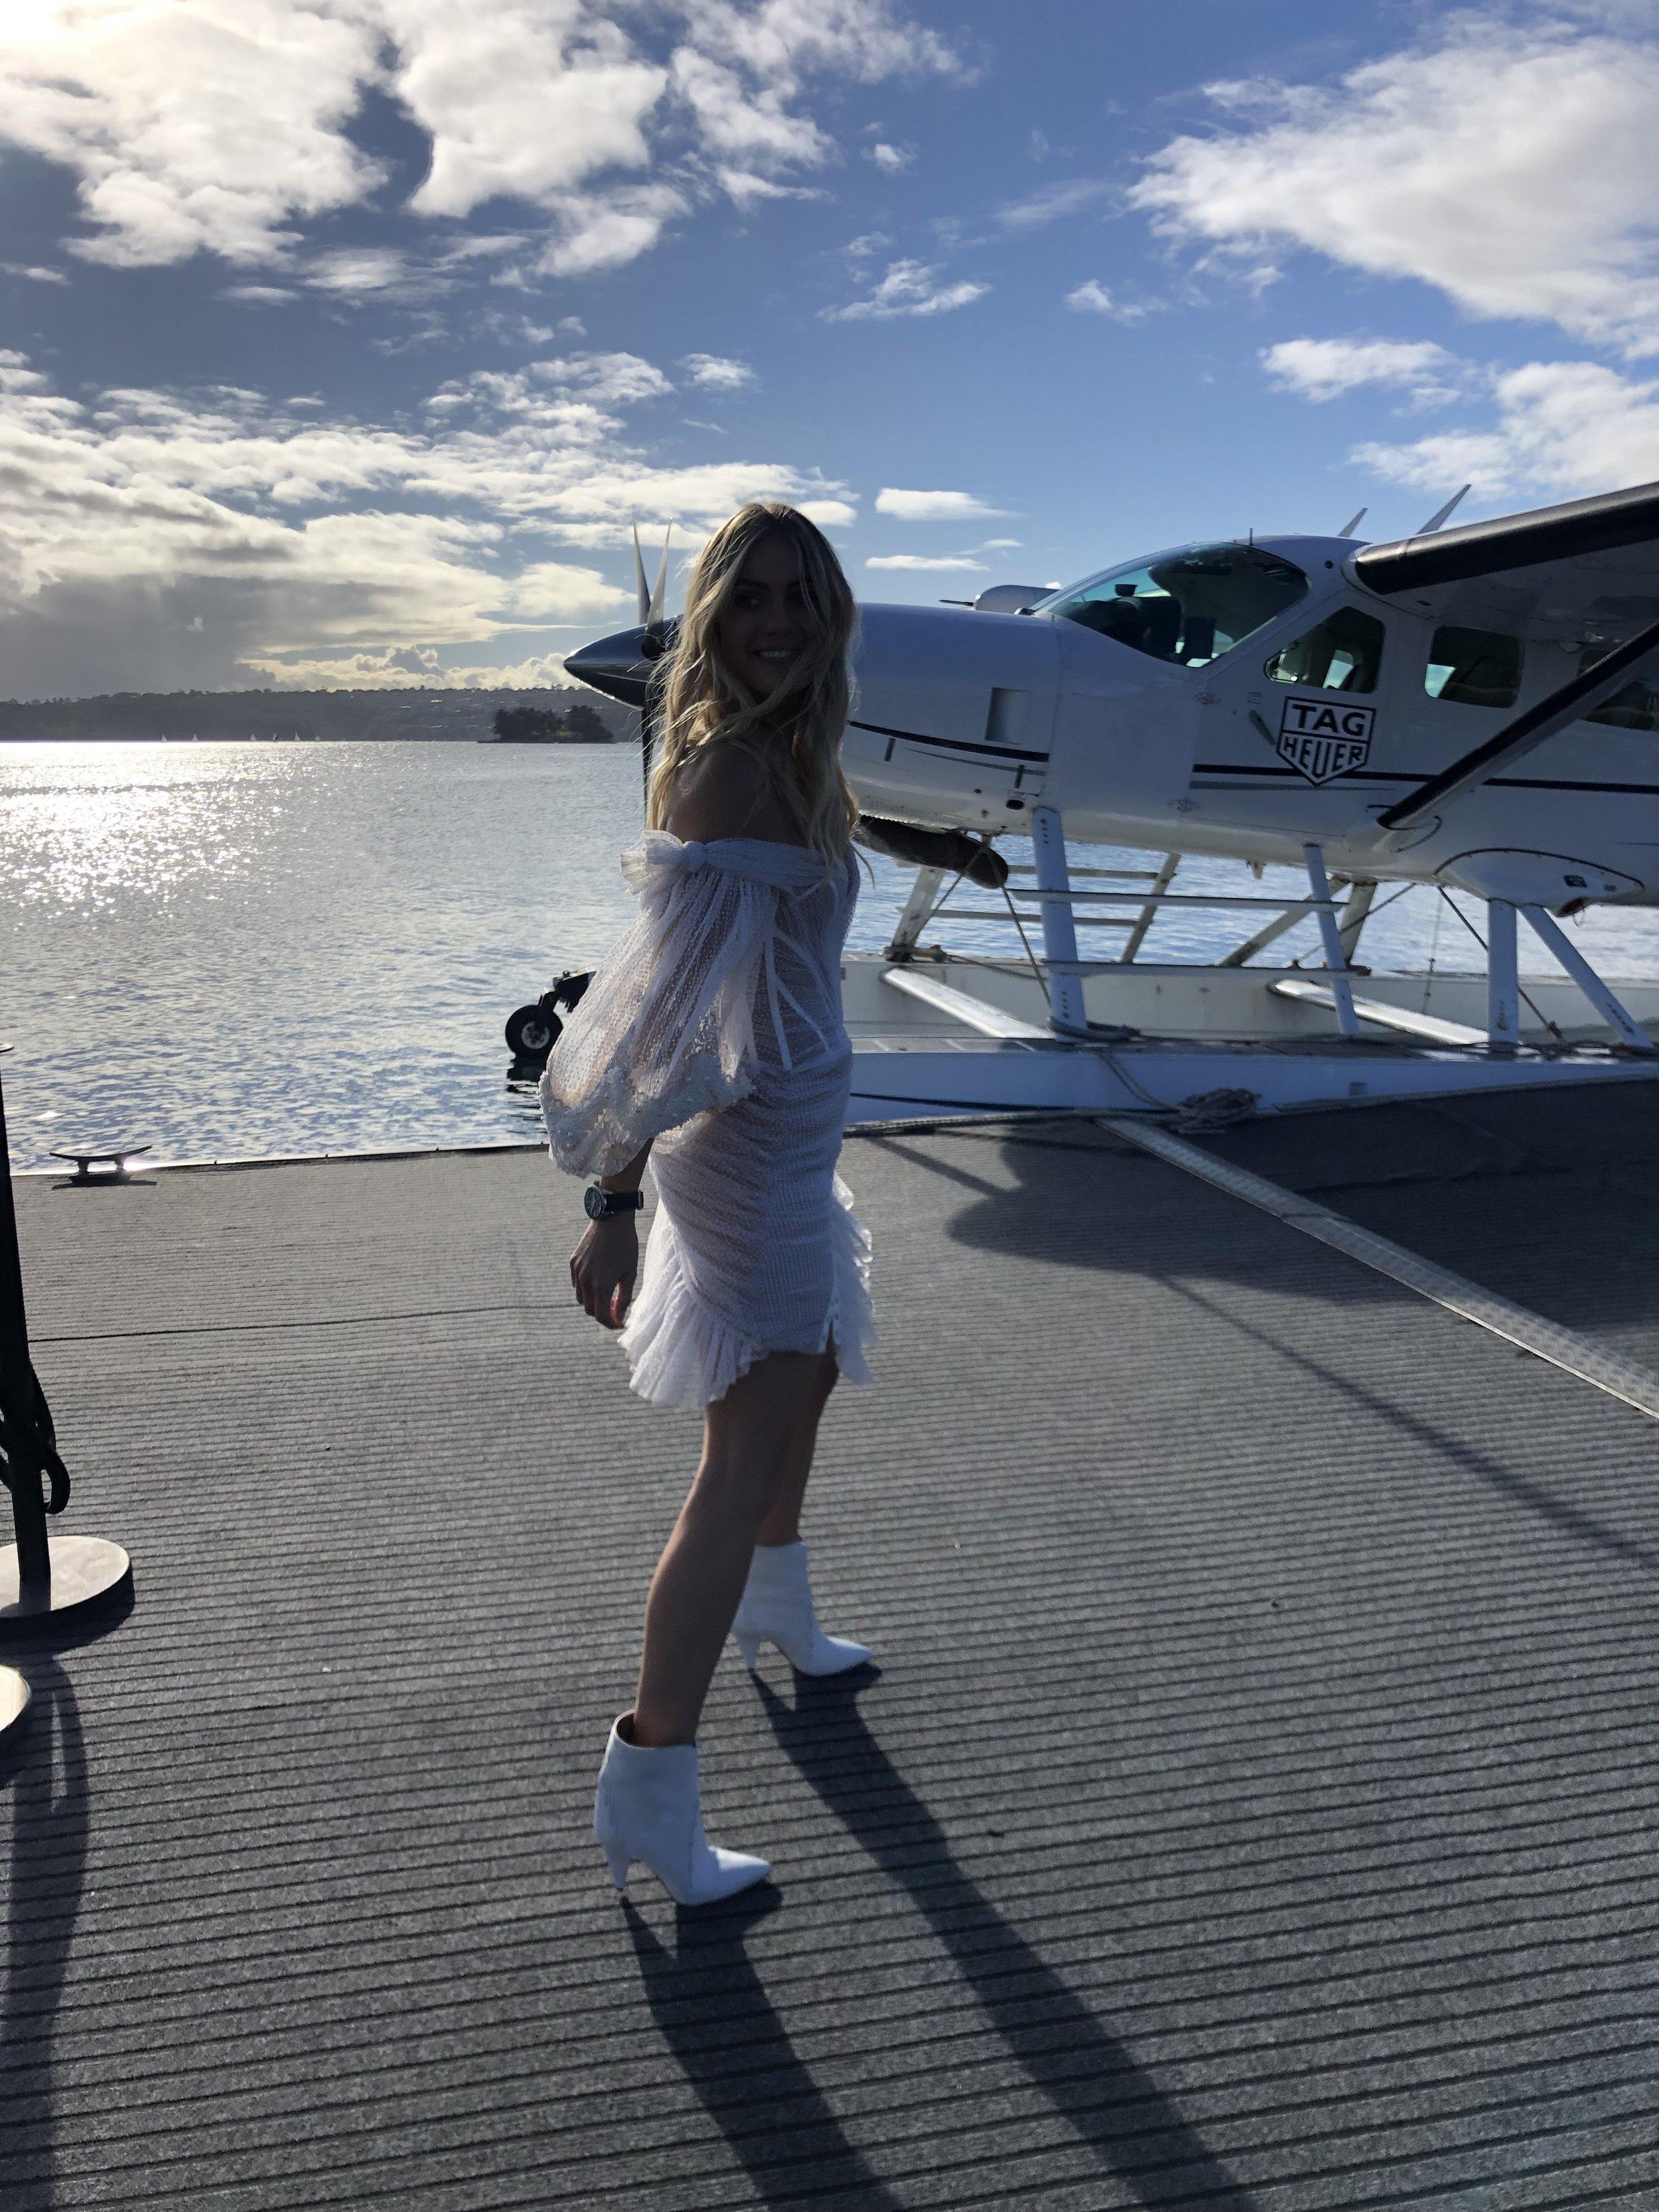 Elyse Knowles & Chris Hemsworth - Tag Heuer 2019 8.jpg